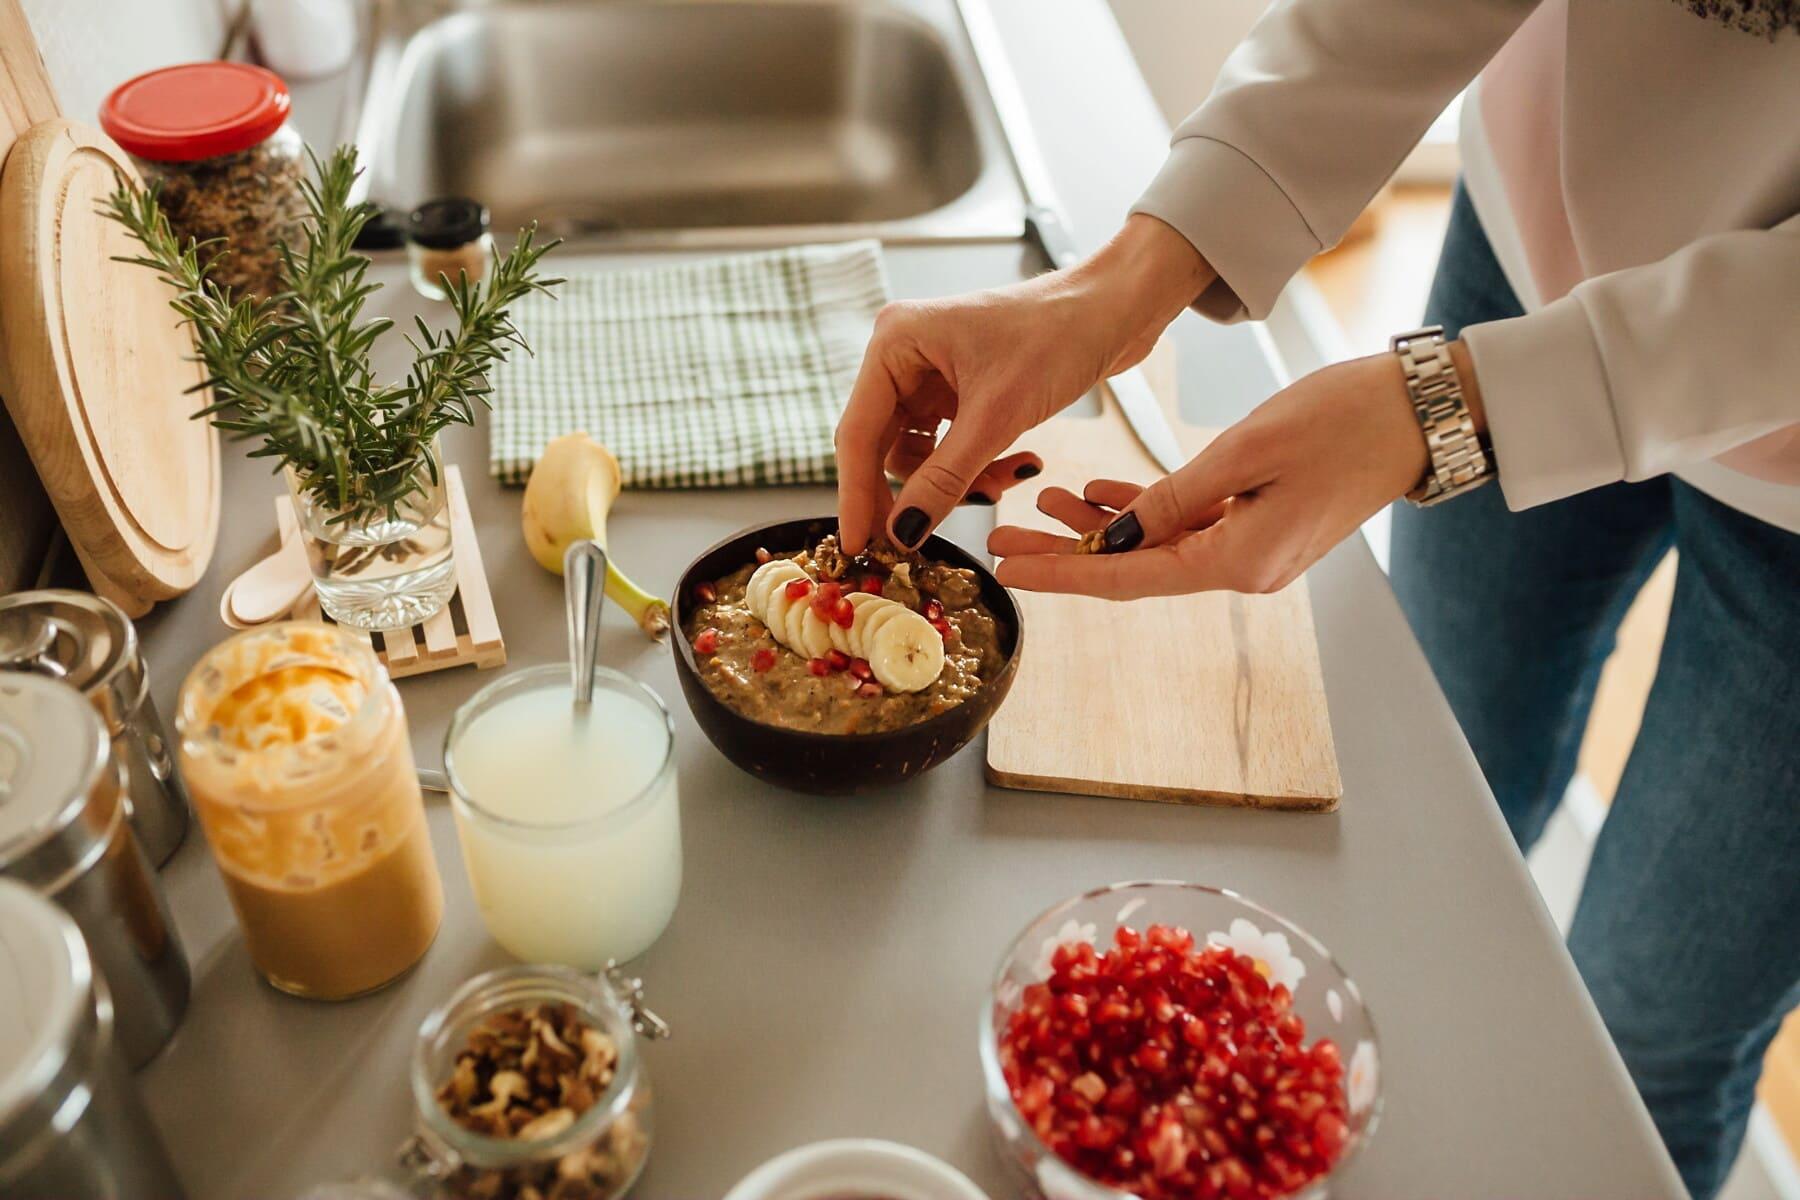 table de cuisine, ustensiles de cuisine, cuisine, préparation, le petit déjeuner, jus de fruits, fruits, limonade, alimentaire, couteau